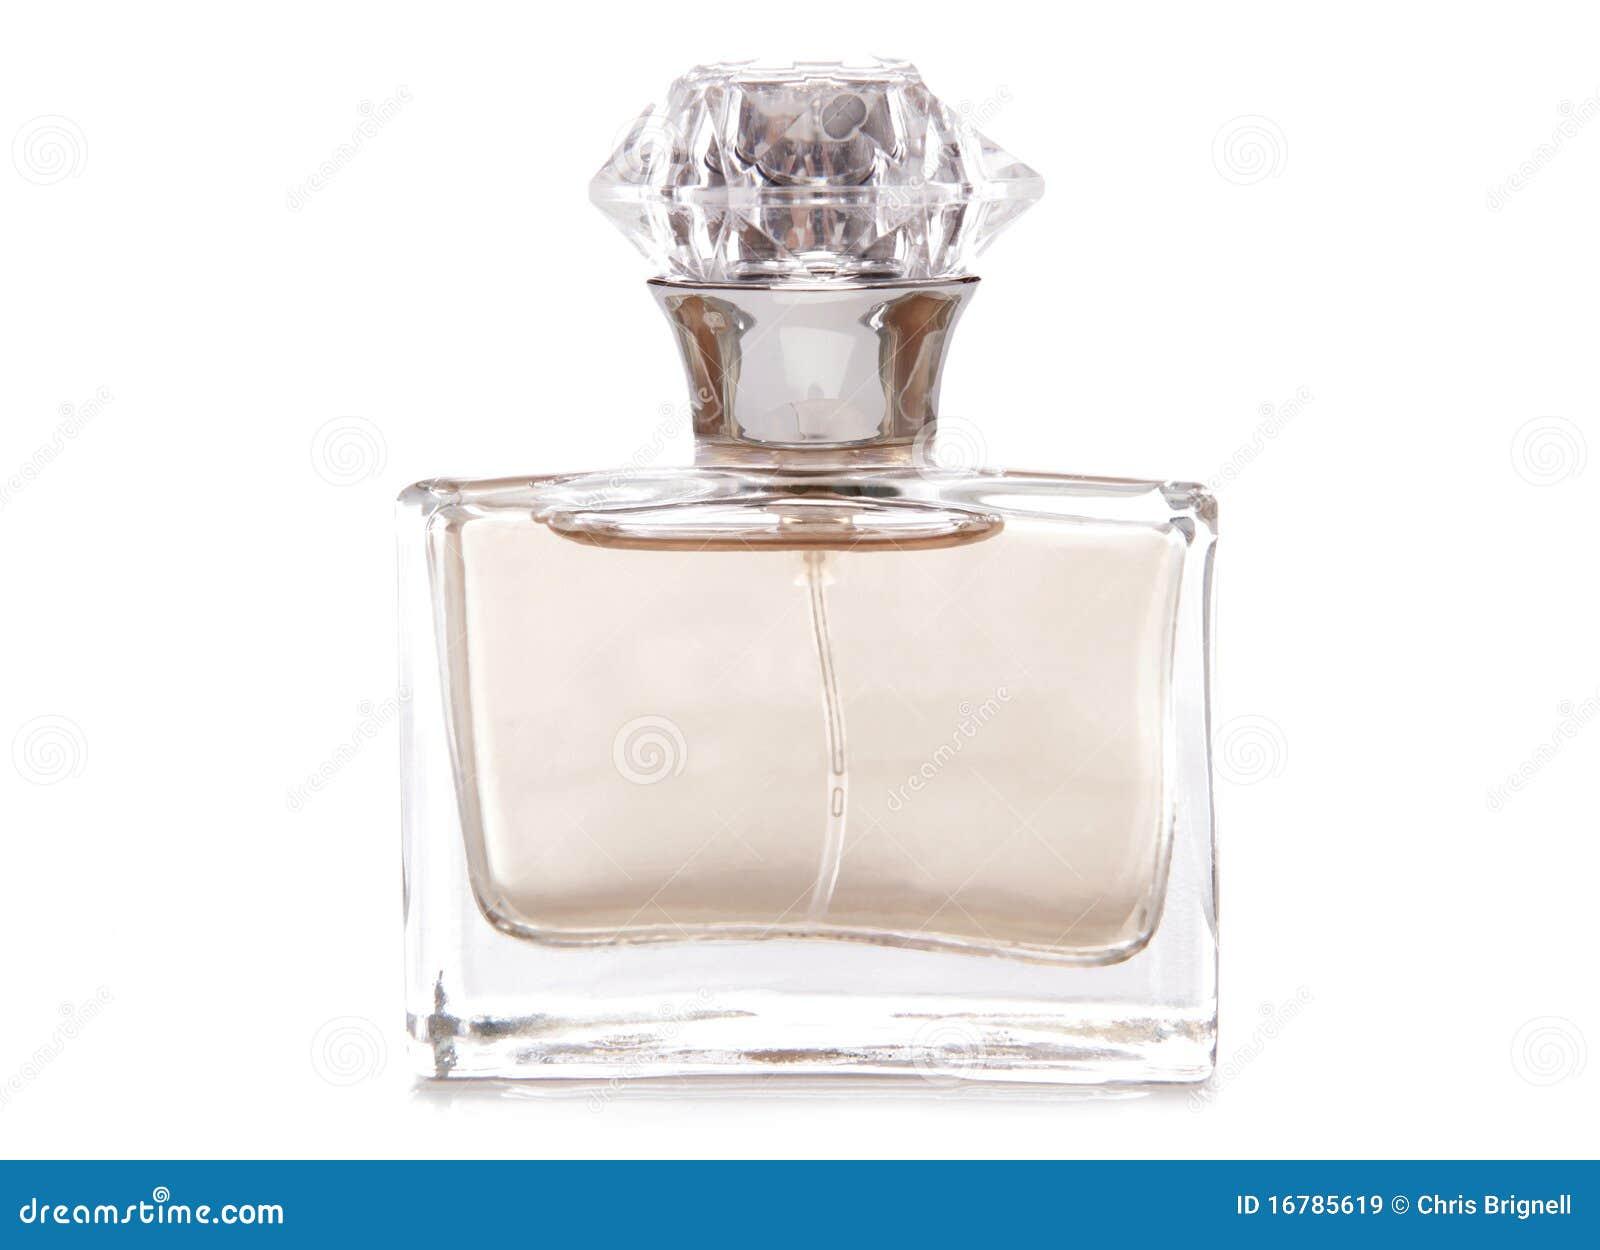 Top Bouteille De Parfum Des Femmes Images libres de droits - Image  CO44